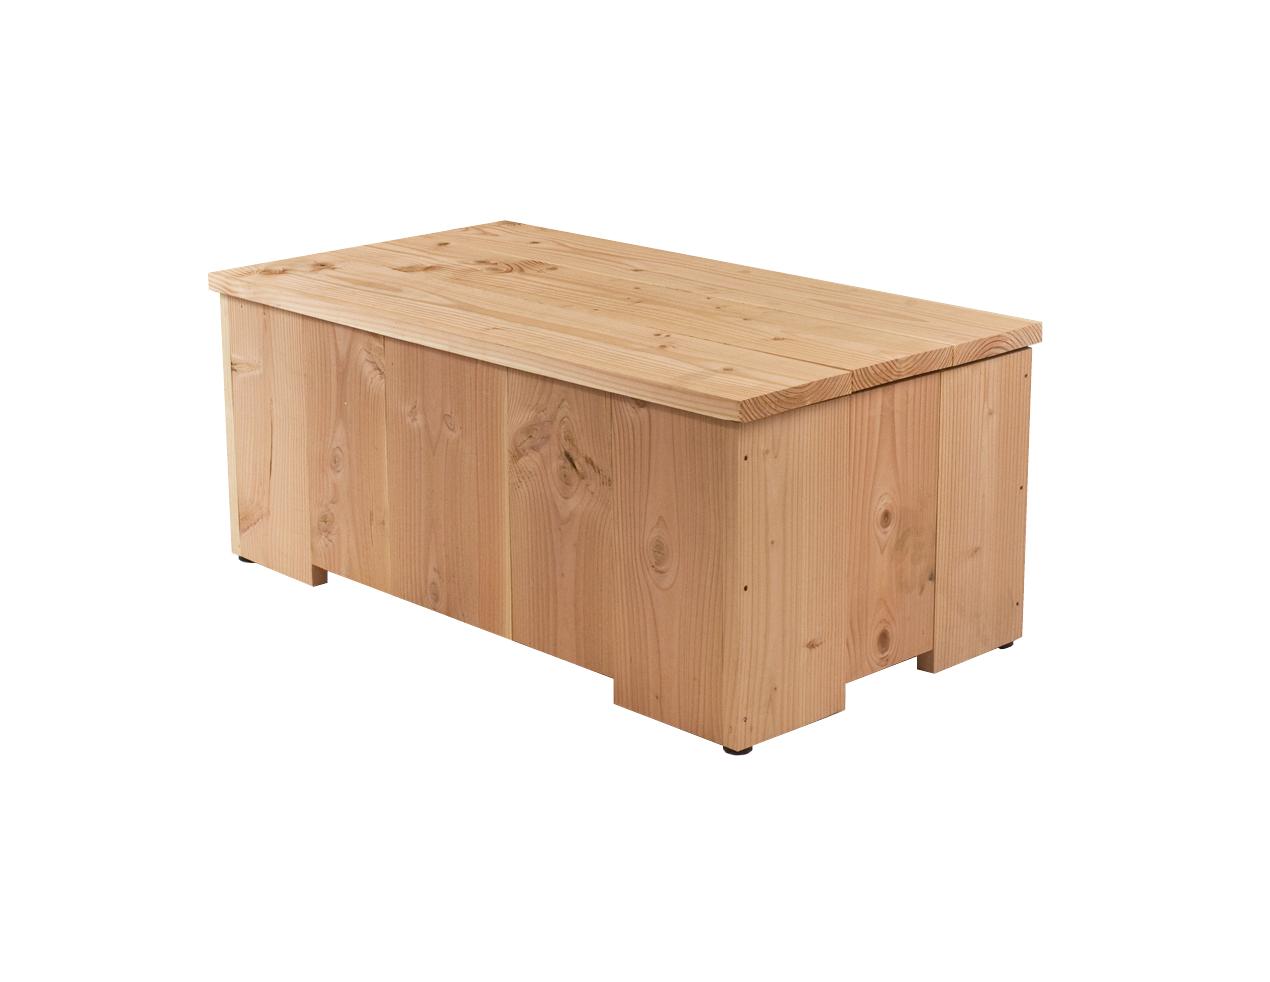 Lariks douglas houten opbergkist 105 x 60 x 45 cm - X houten ...